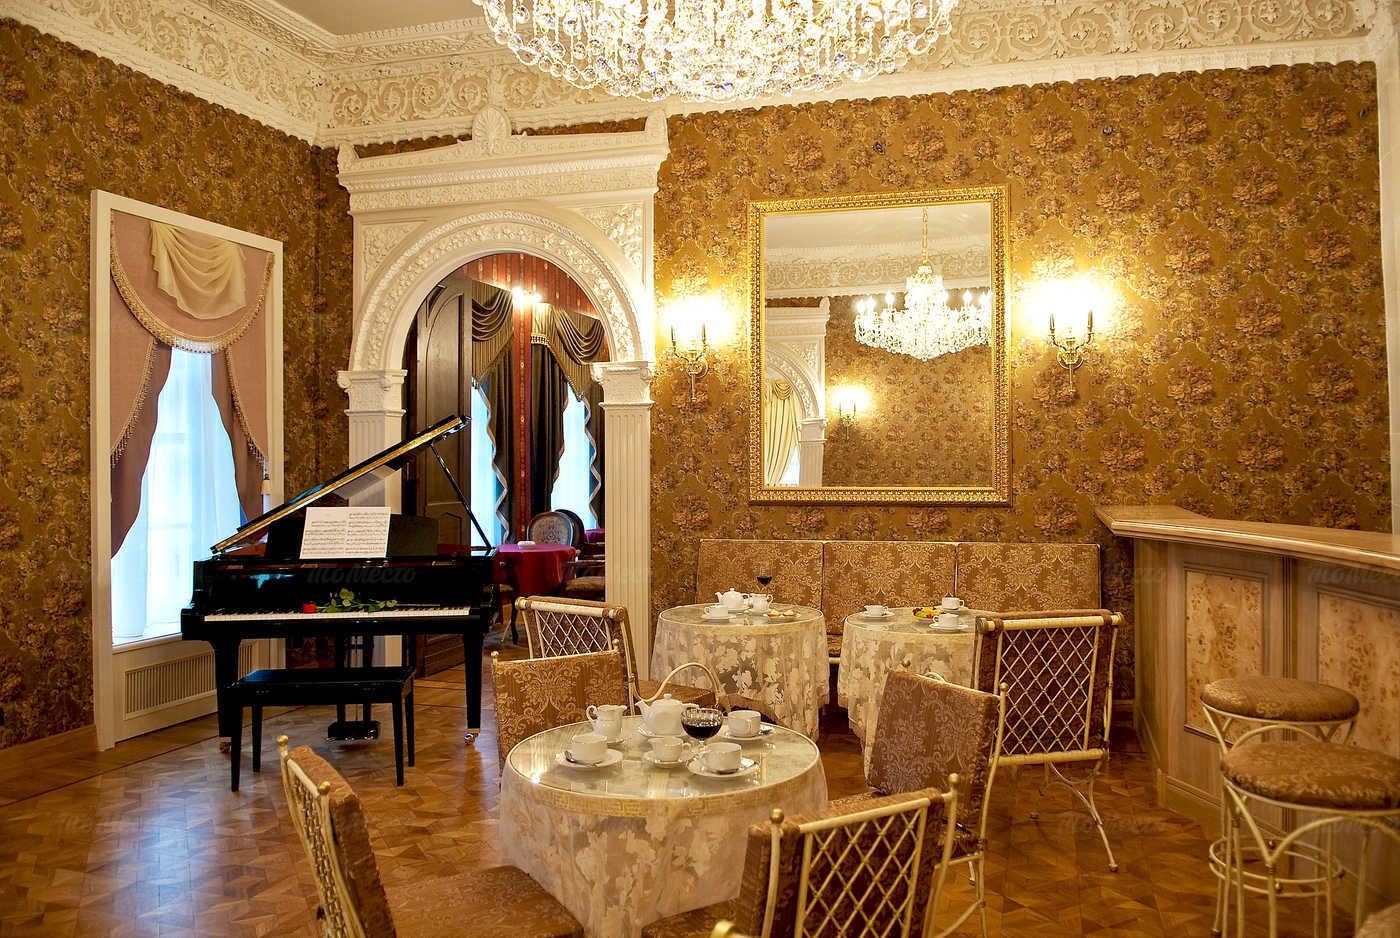 Меню ресторана Бельэтаж (Bel'etage) на Кожевнической улице